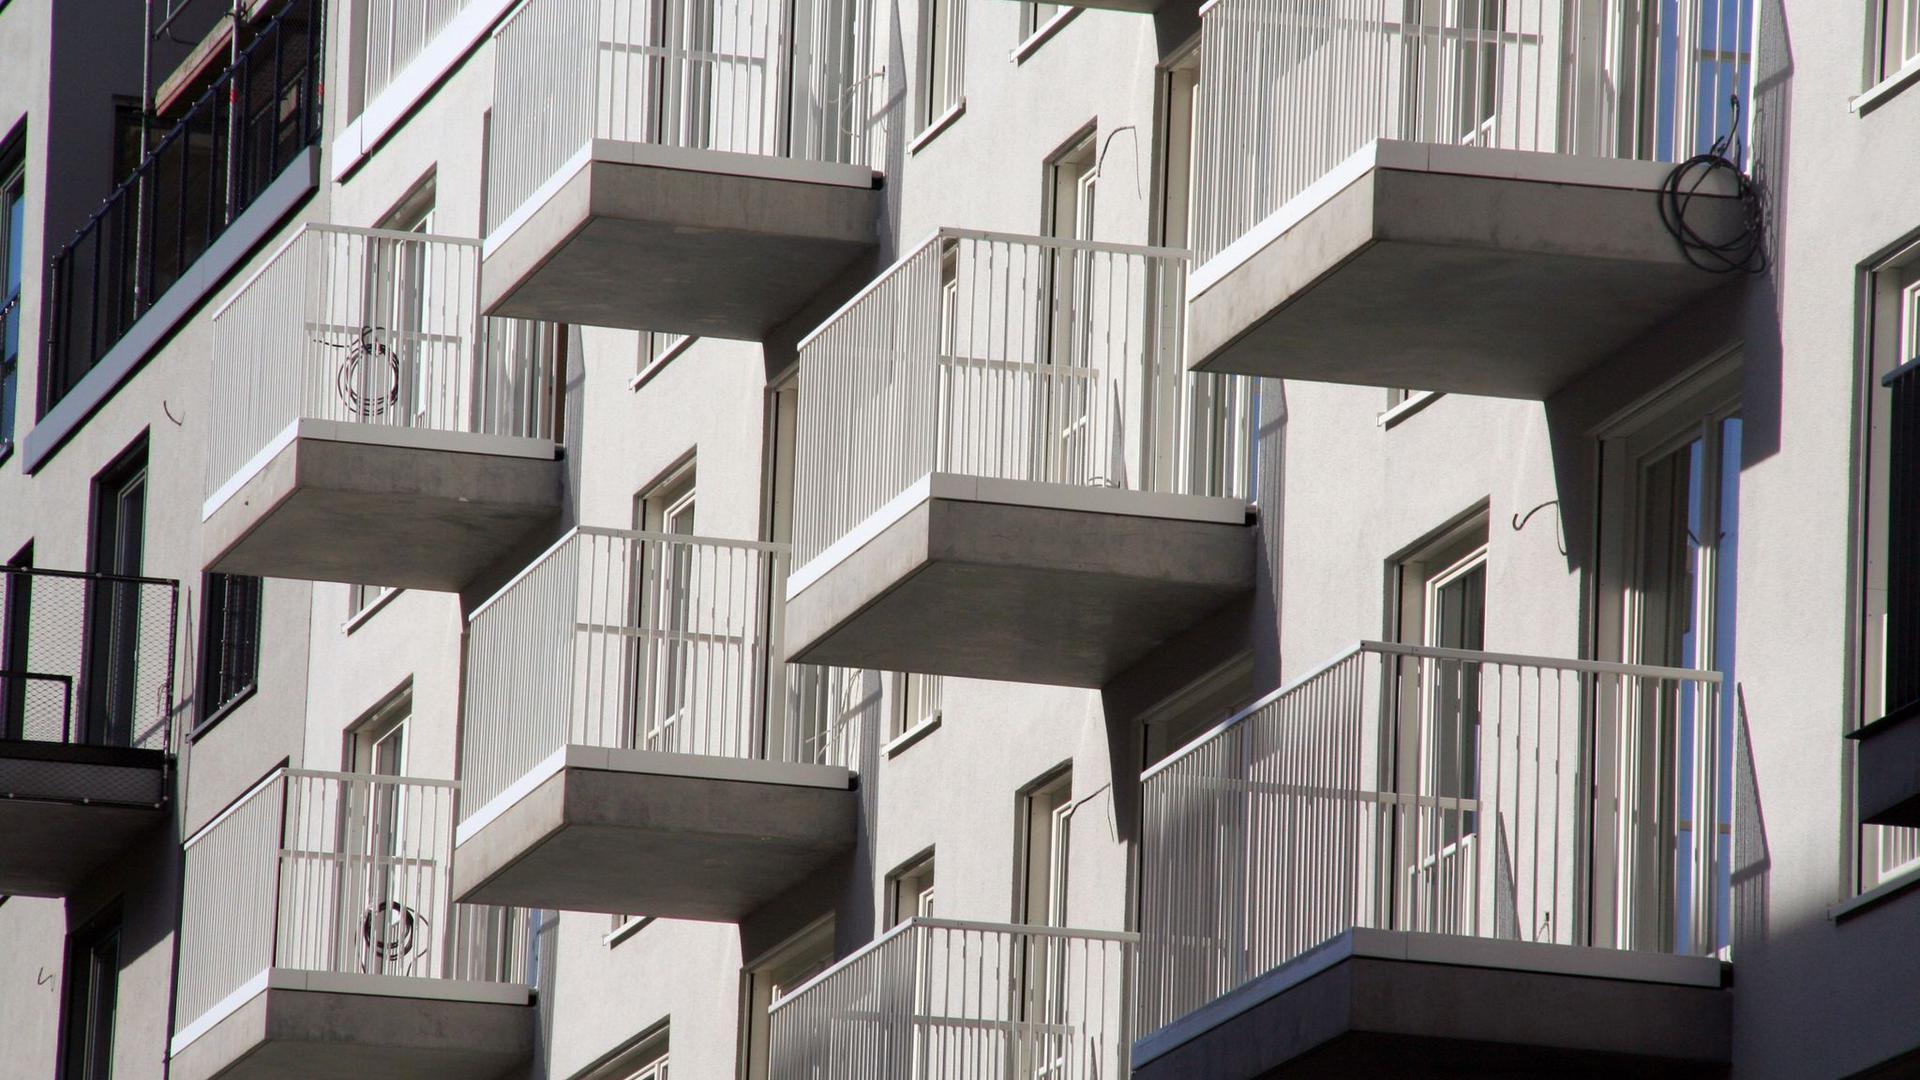 Trotz der immensen wirtschaftlichen Folgen der Pandemie sind die Mieten sowie Preise für Wohnungen und Häuser im ersten Halbjahr weiter gestiegen.